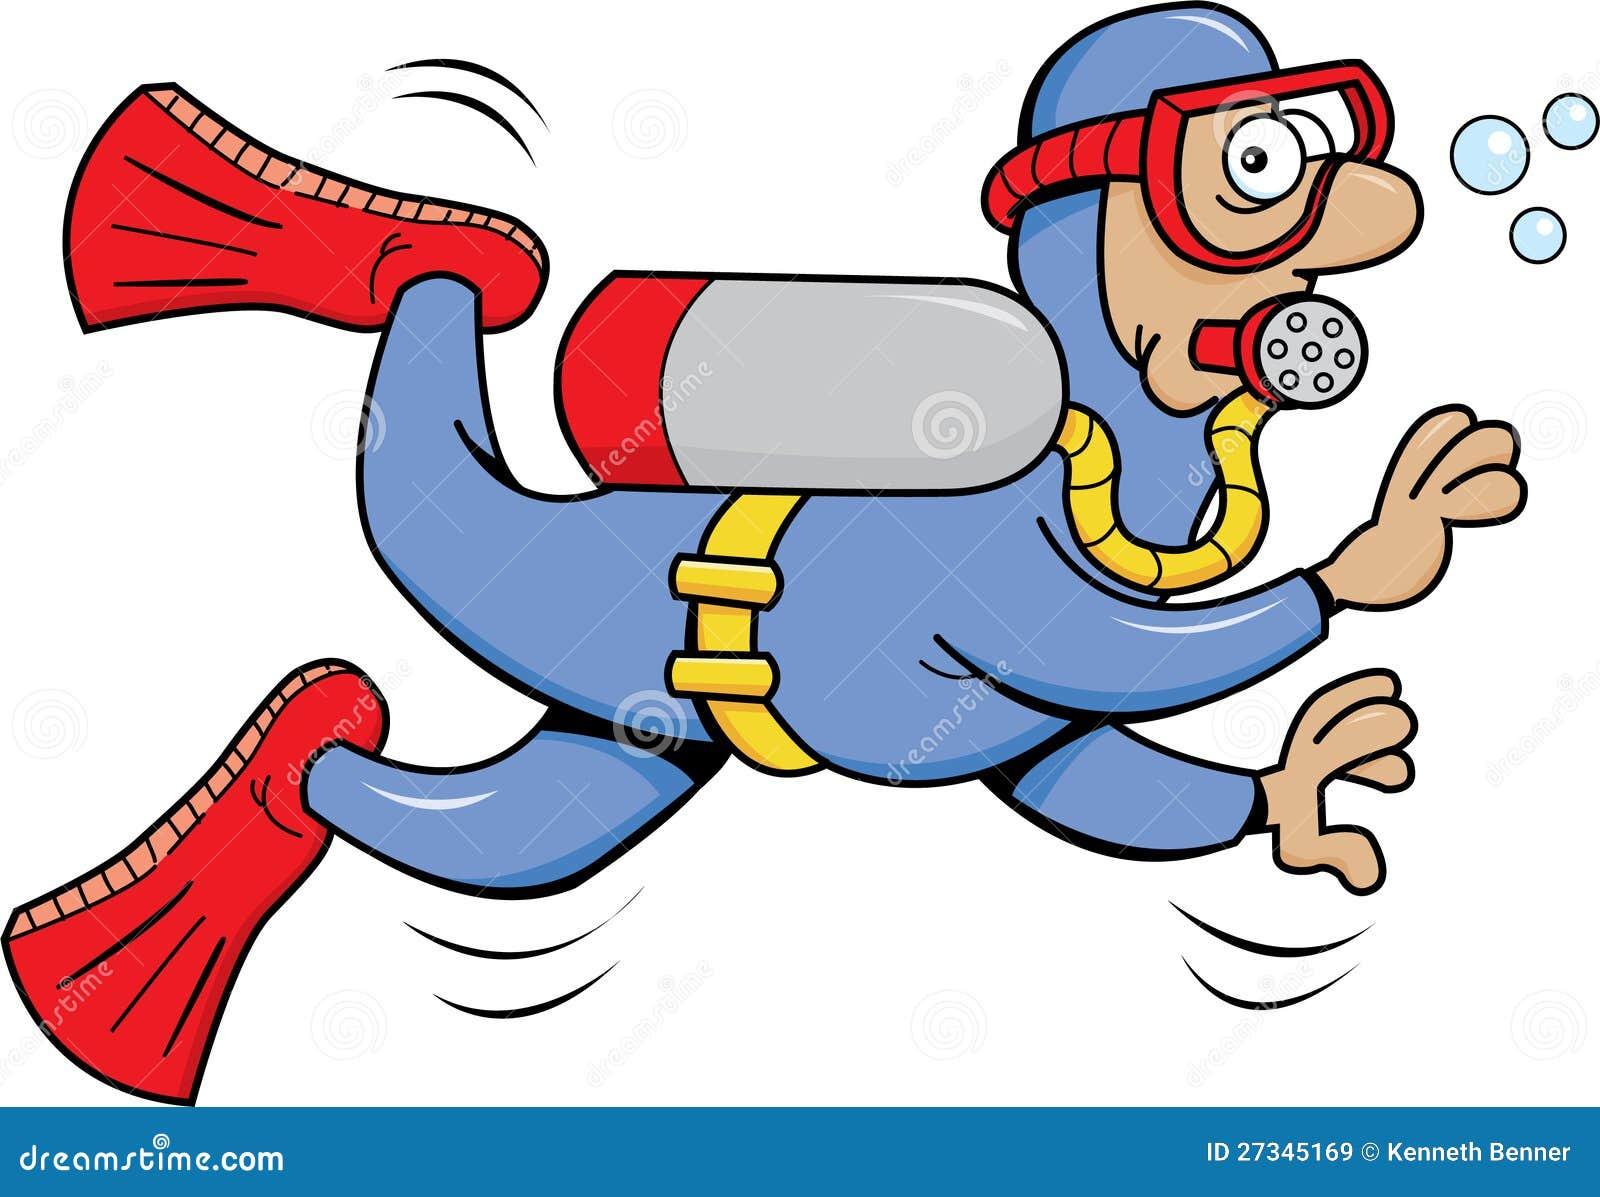 Plongeur autonome images libres de droits image 27345169 - Dessin plongeur ...